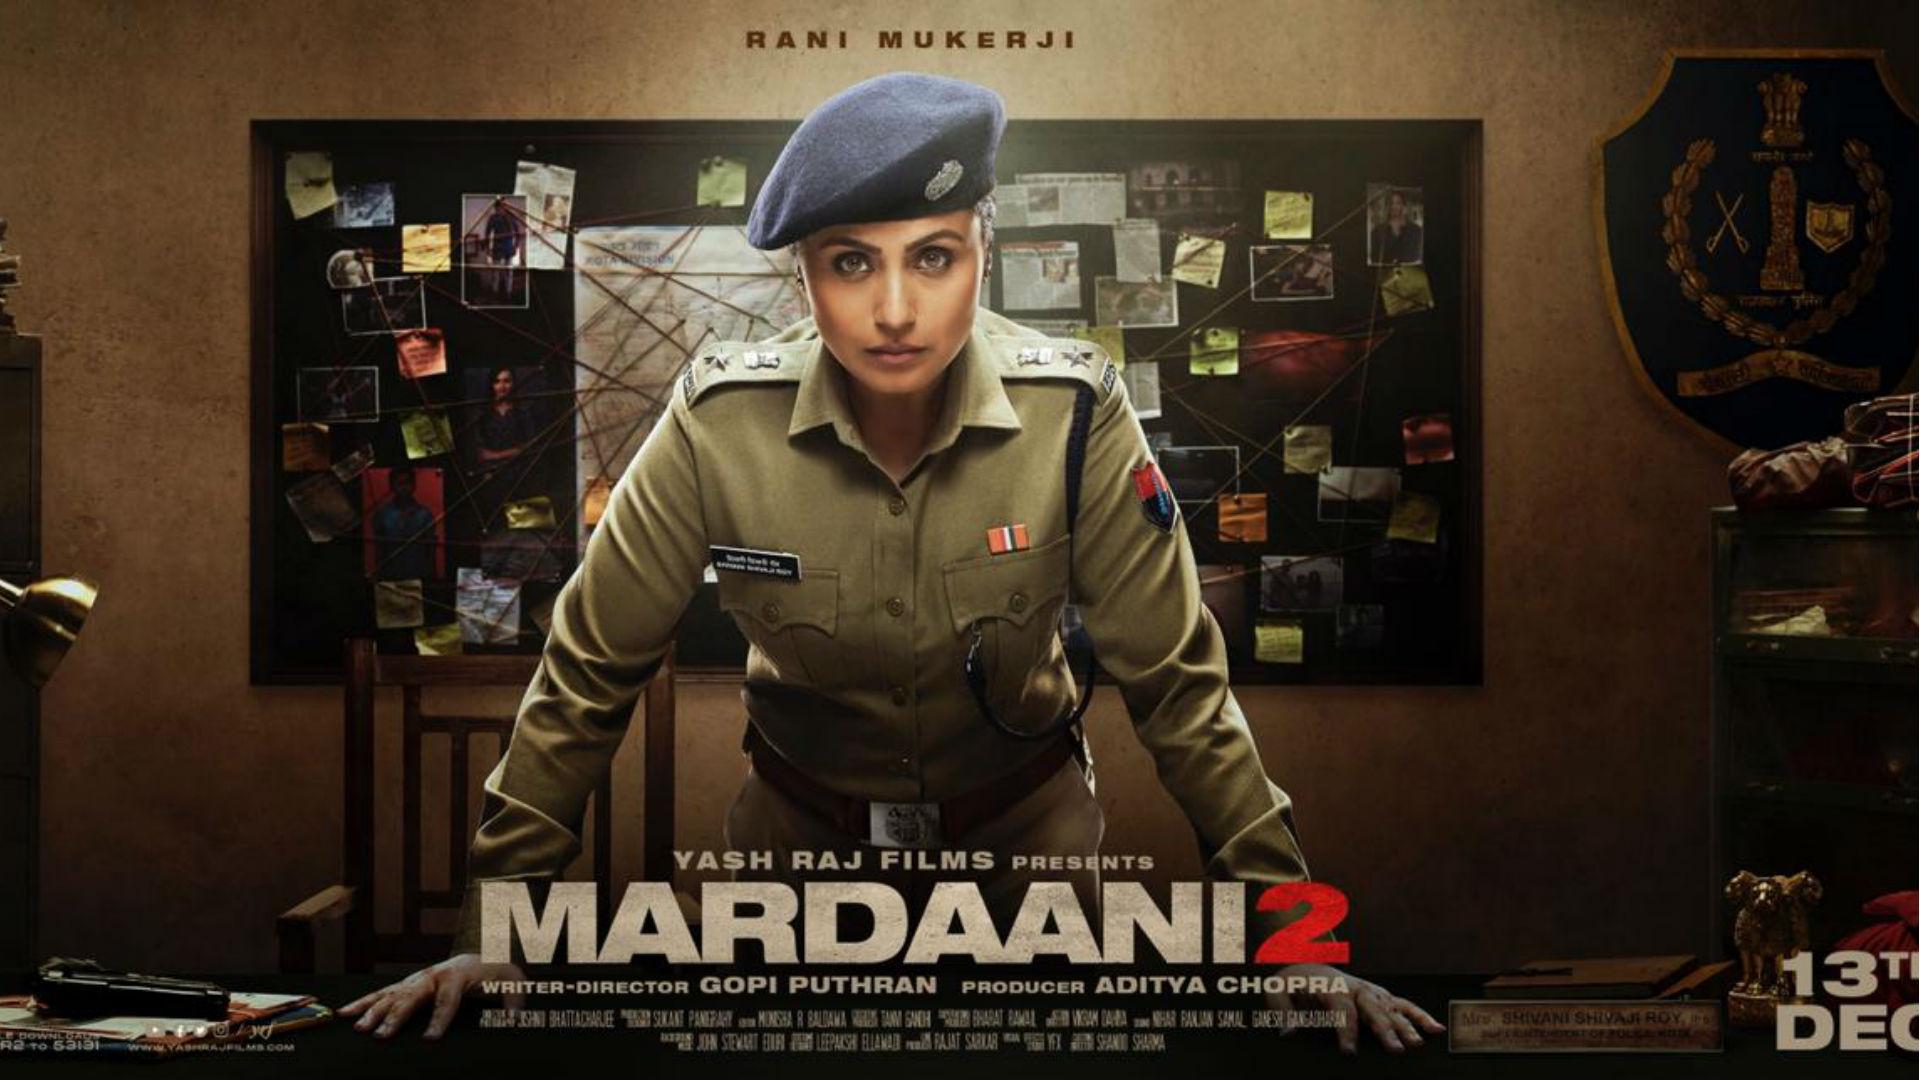 Mardaani 2 Movie Review: रानी मुखर्जी की मर्दानी 2 रूह को झकझोर के रख देगी, गजब है शिवानी शिवाजी राव का किरदार